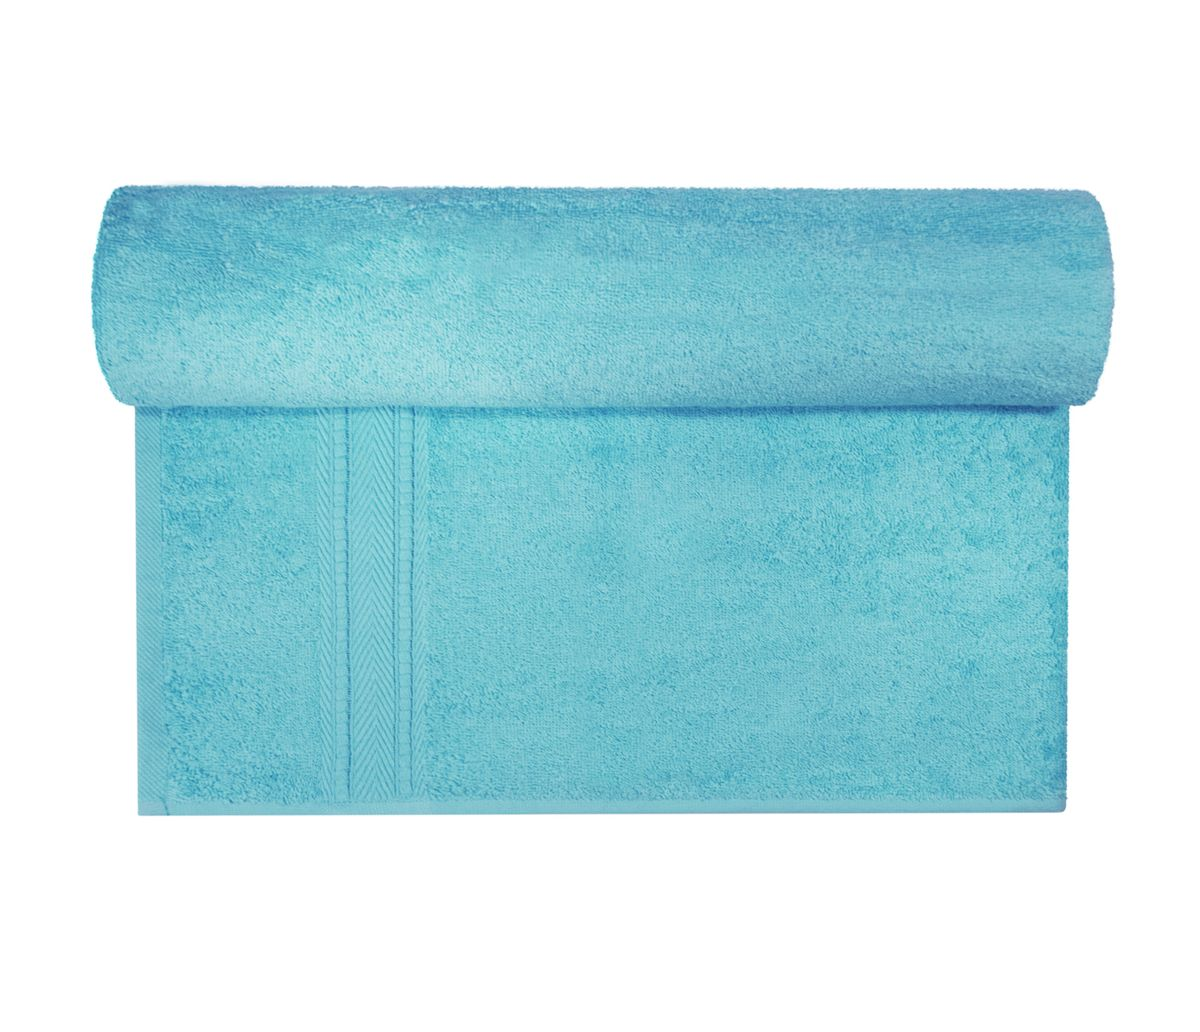 Полотенце махровое Osborn Textile, цвет: бирюзовый, 70 х 140 смУзТ-МПБ-004-02-07В состав полотенца Osborn Textile входит только натуральное волокно - хлопок. Лаконичные бордюры подойдут для любого интерьера ванной комнаты. Полотенце прекрасно впитывает влагу и быстро сохнет. При соблюдении рекомендаций по уходу не линяет и не теряет форму даже после многократных стирок. Плотность: 450 г/м2.